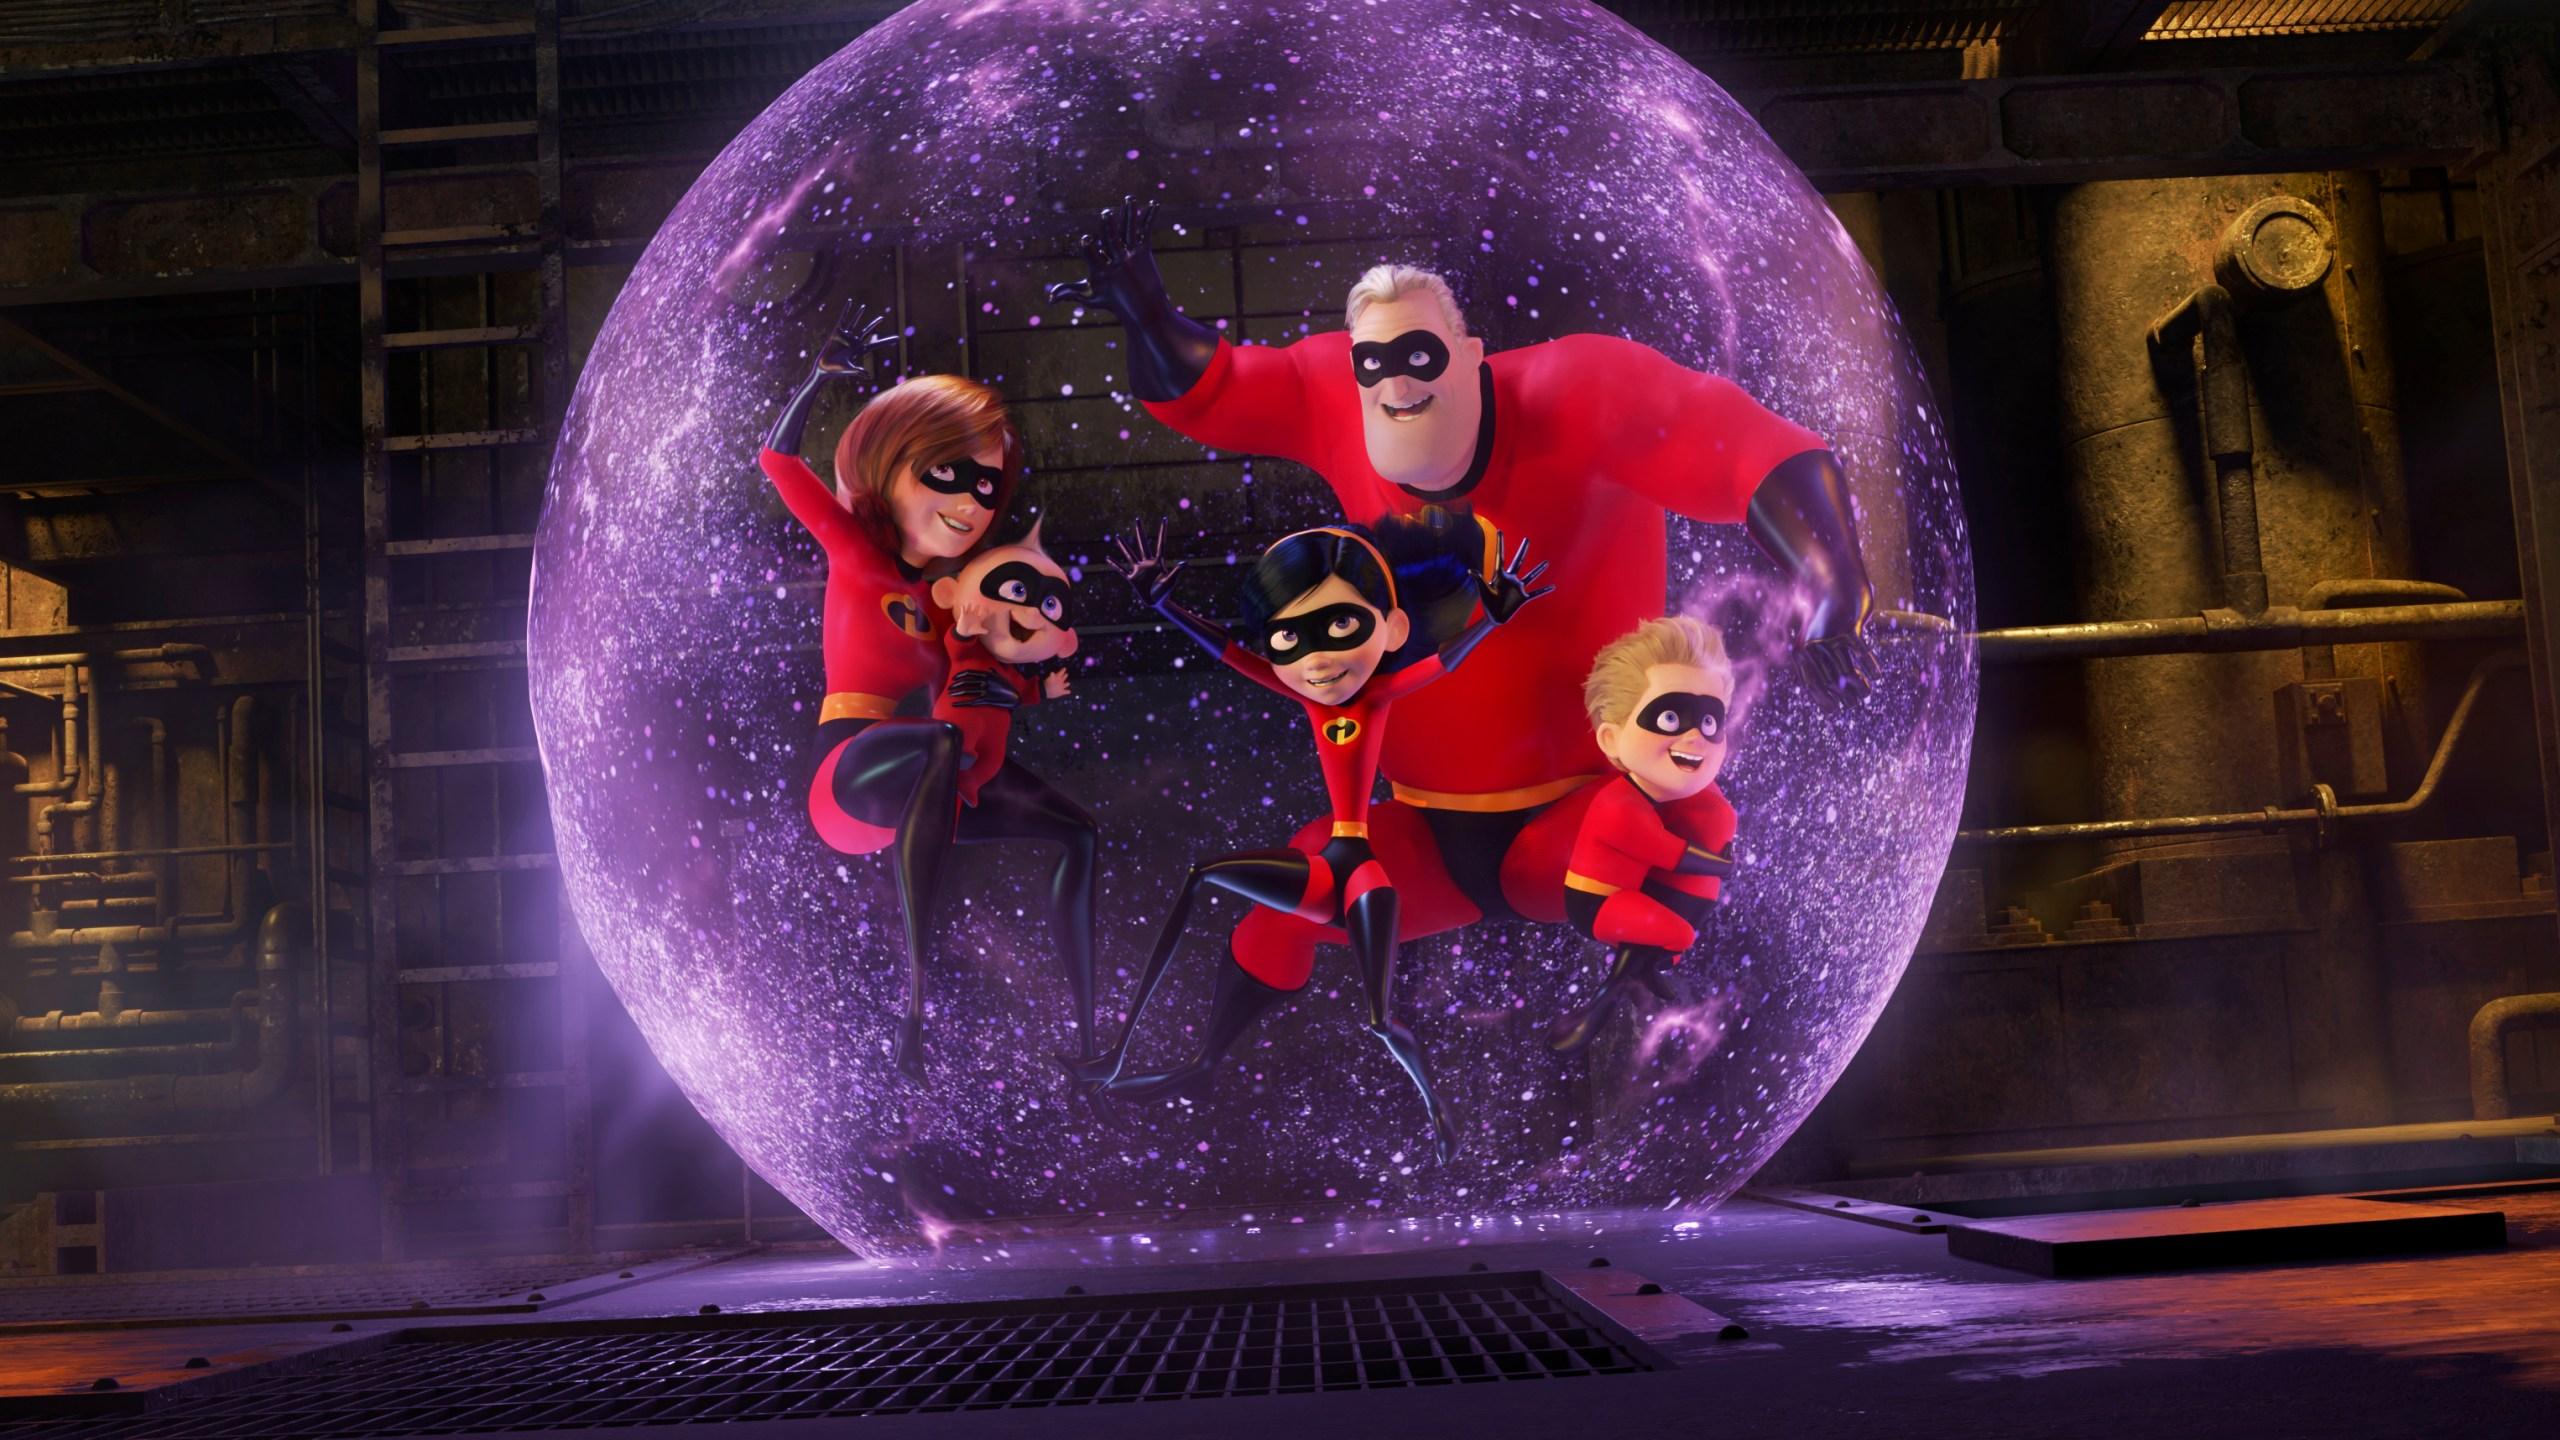 Film_Review_Incredibles_2_49860-159532.jpg64199279